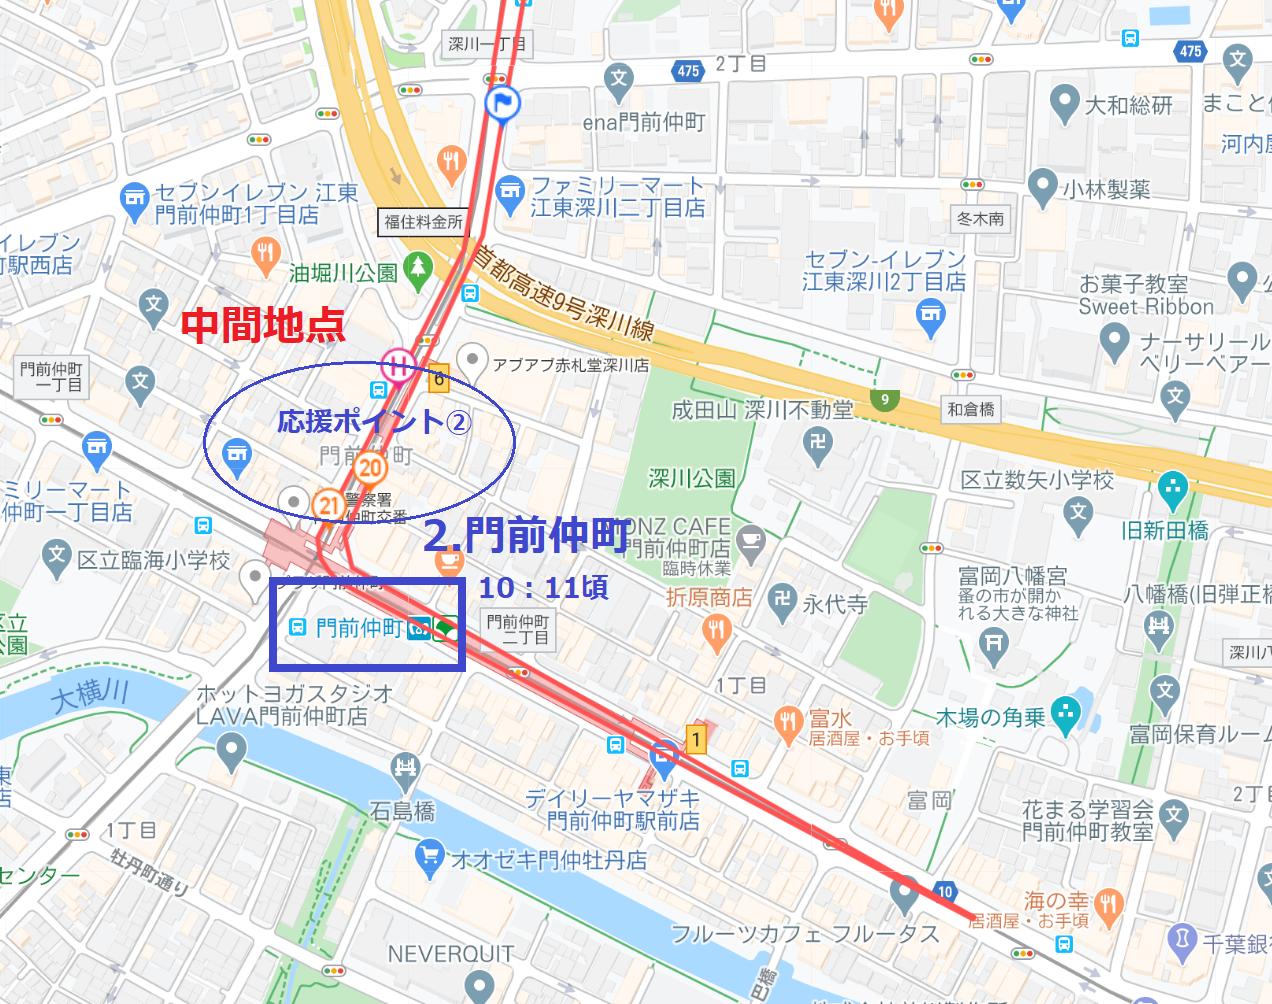 東京マラソントップランナー応援ポイント②門前仲町駅